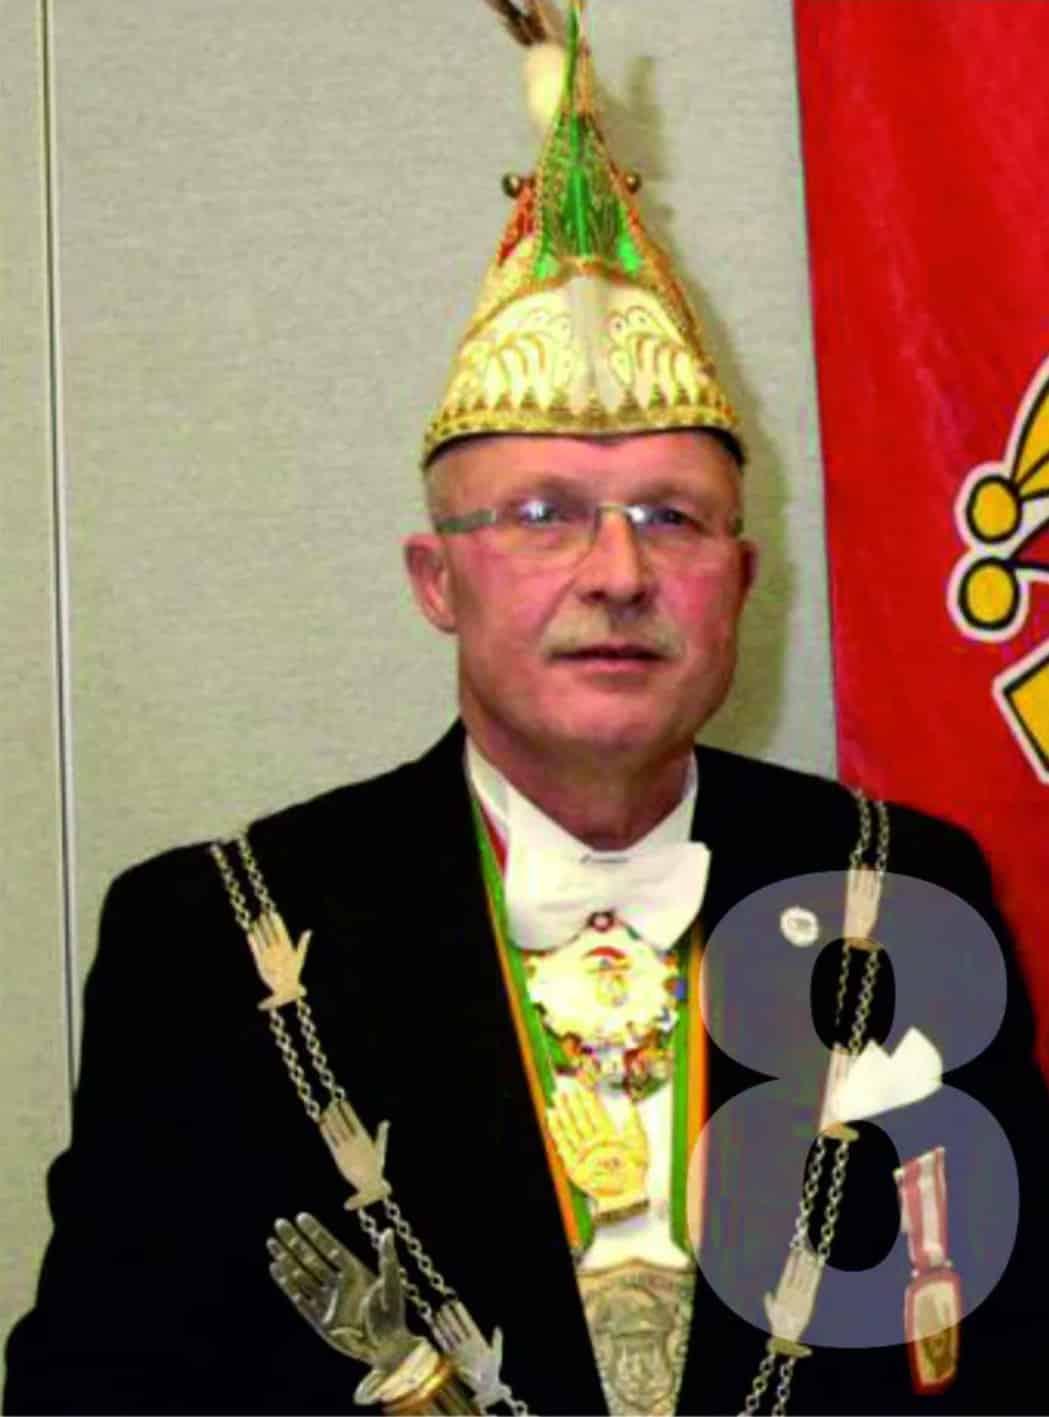 Leon Wetselaer 2007-2015